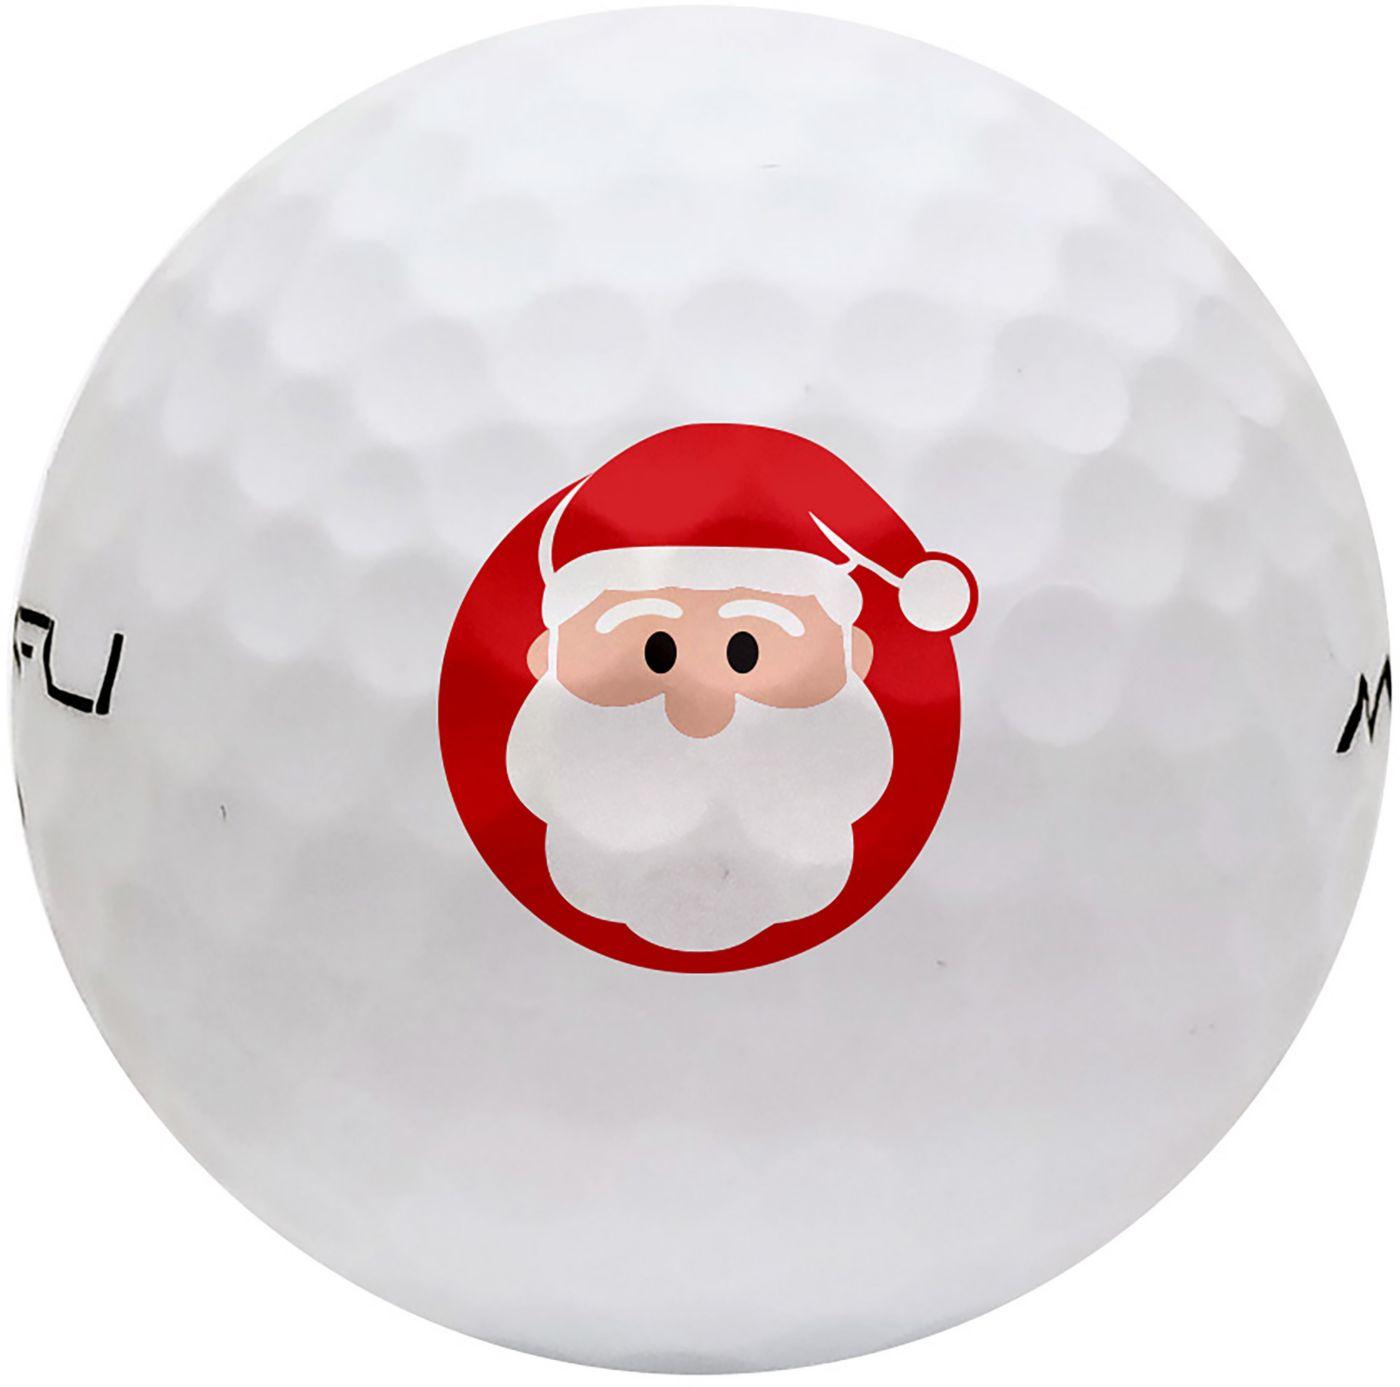 Maxfli SoftFli Holiday Novelty Gloss Golf Balls